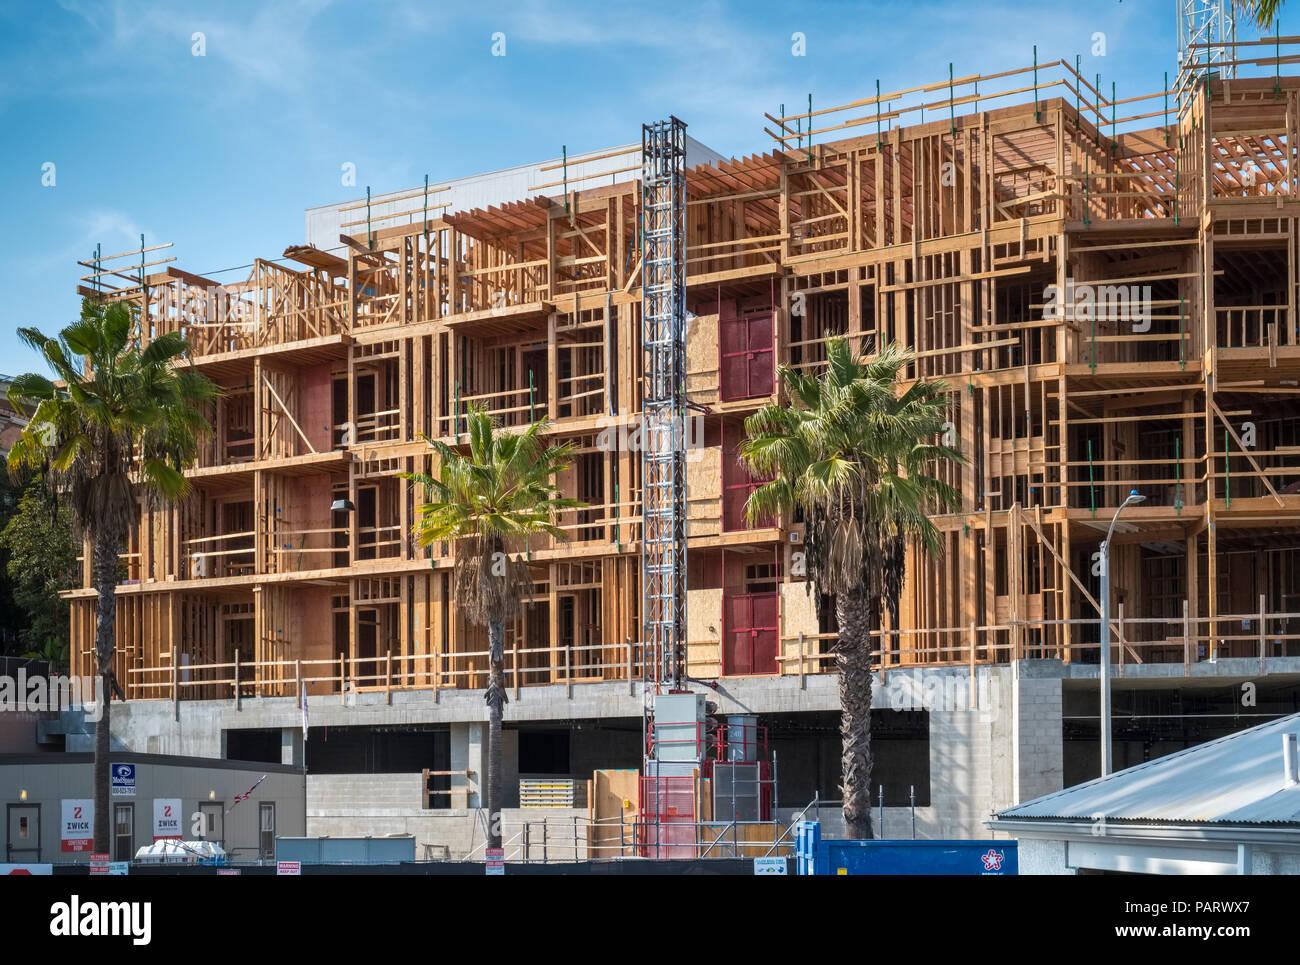 Site de construction d'appartements dans la, Los Angeles, Californie, USA Photo Stock